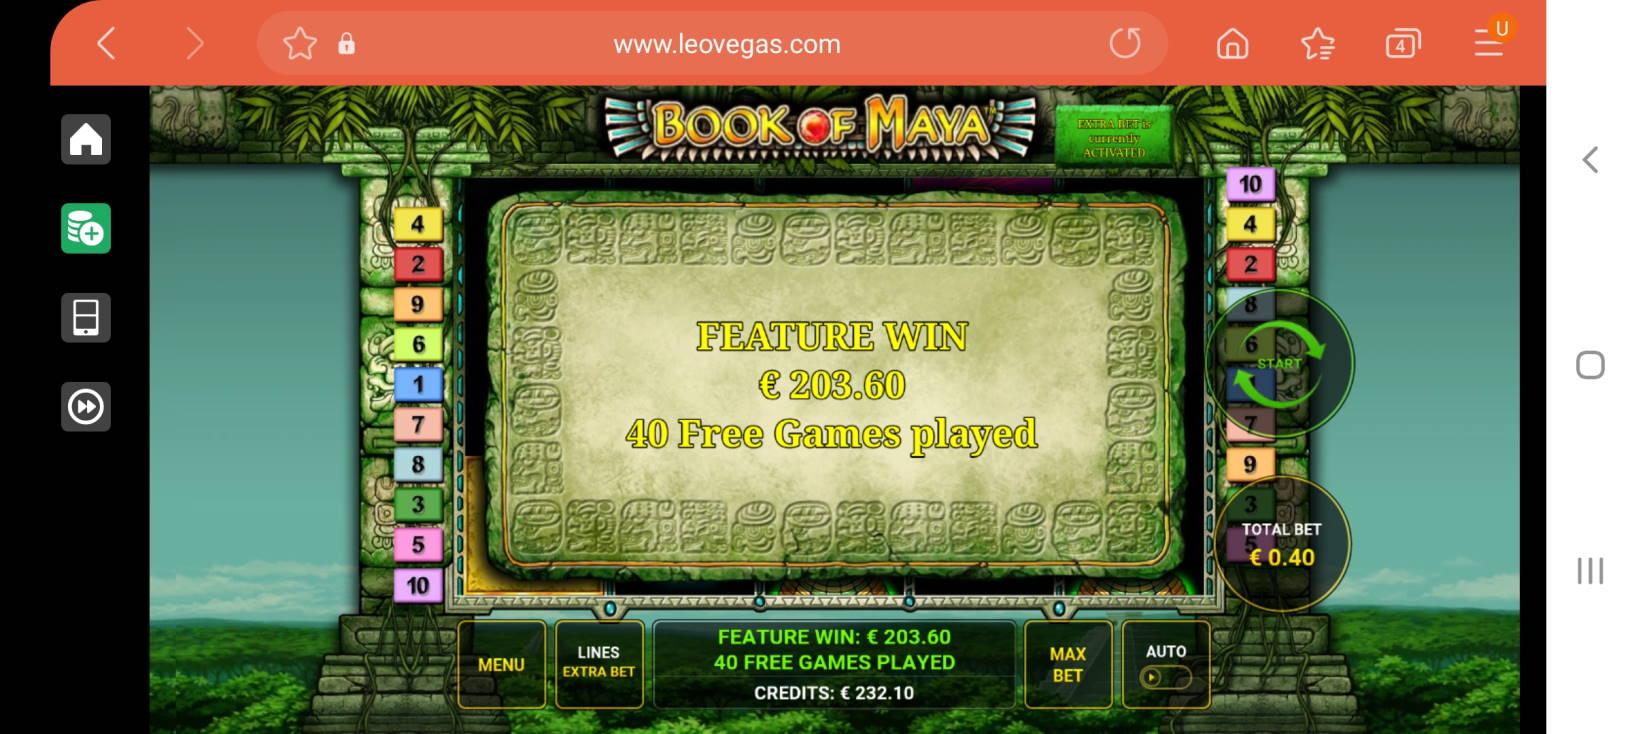 Book of Maya Casino win picture by dj_niemi 21.4.2021 203.60e 509X Leovegas